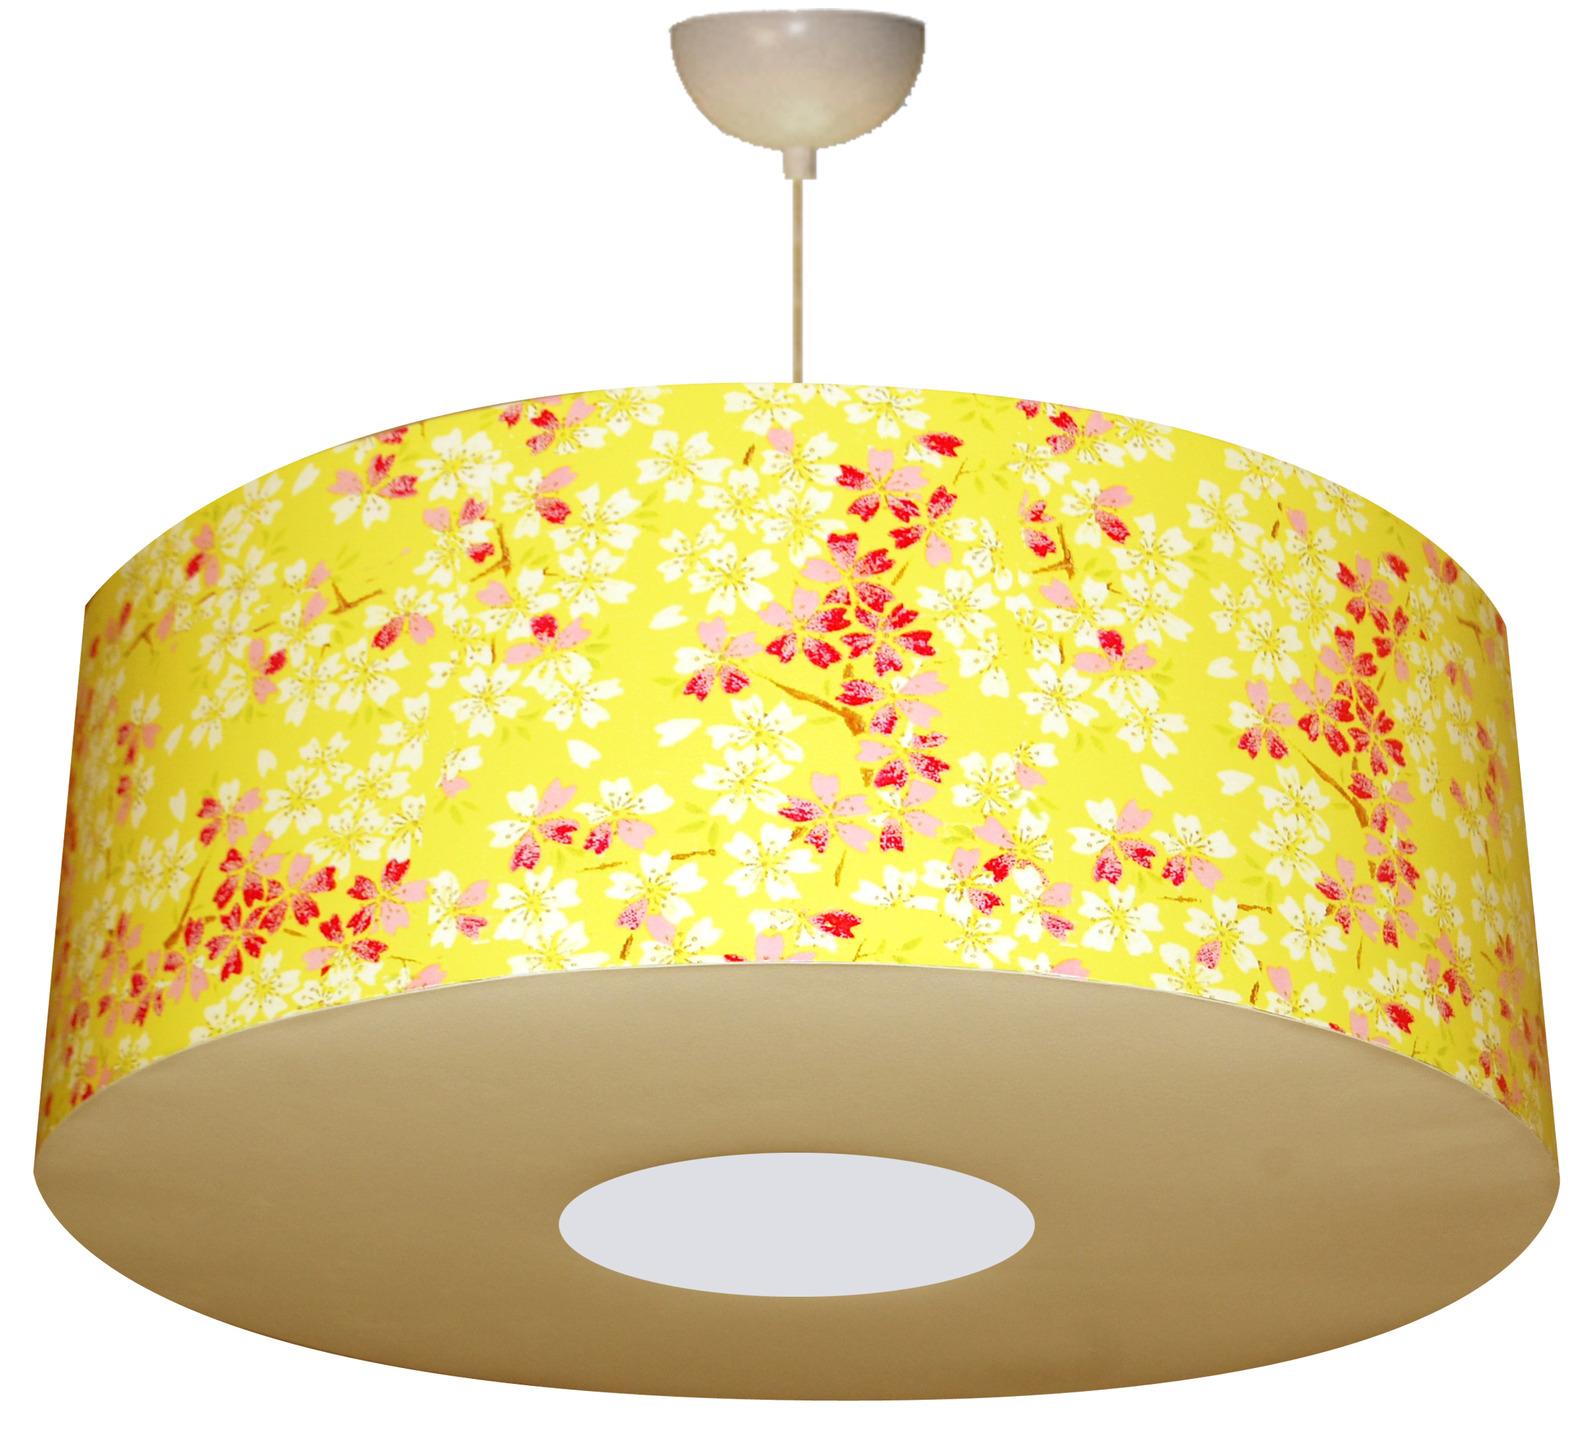 Luminaires abat jour ou suspension en papier 10011755 suspen florale d573 59462 big